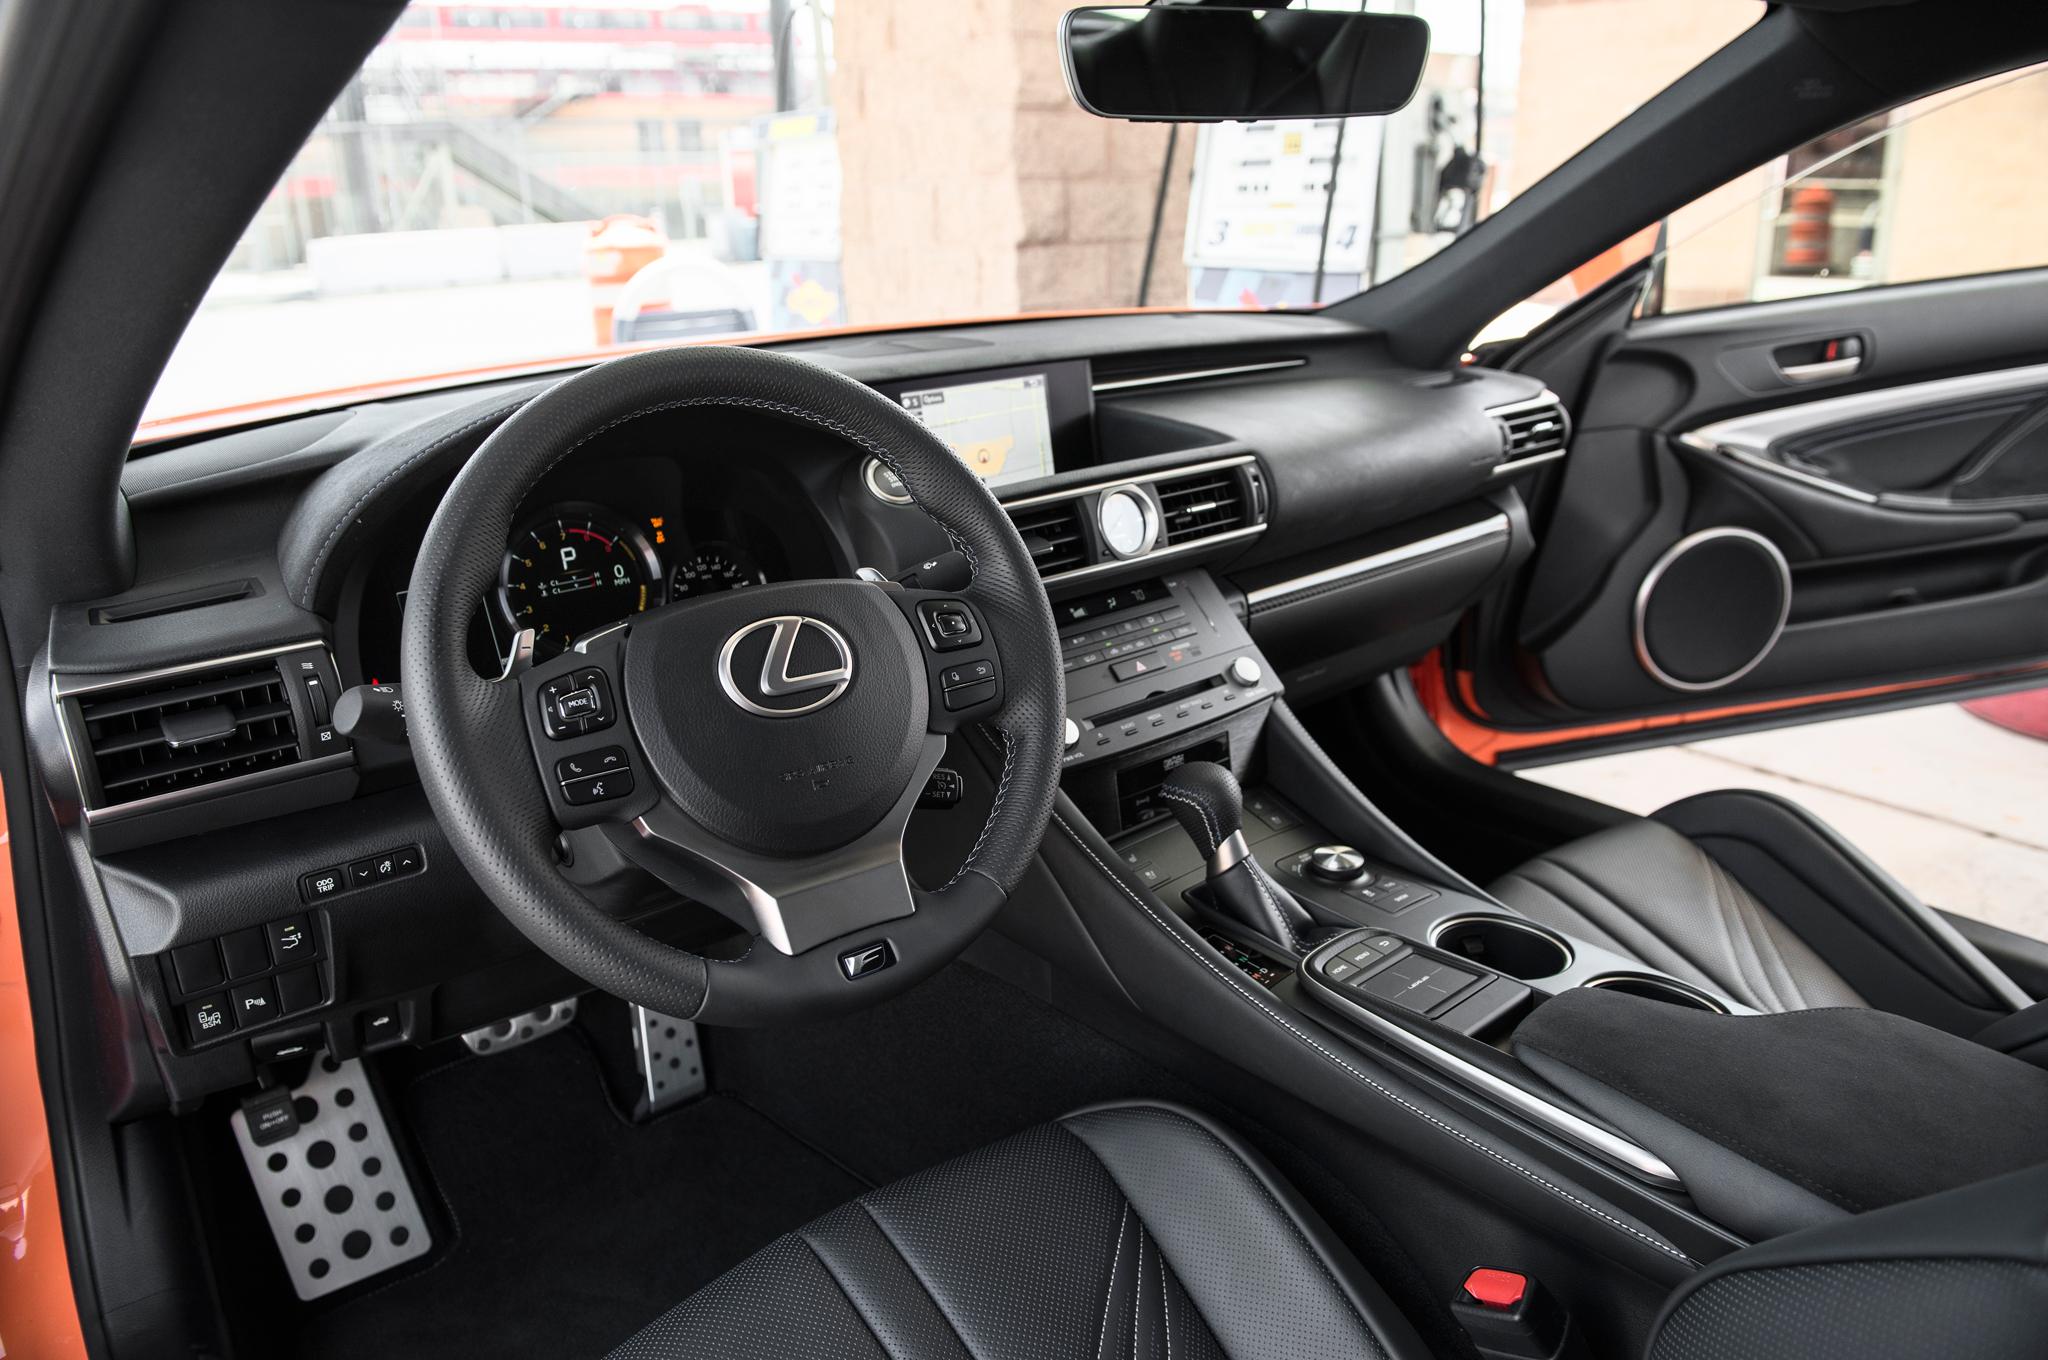 Superior 2015 Lexus Rc F Interior